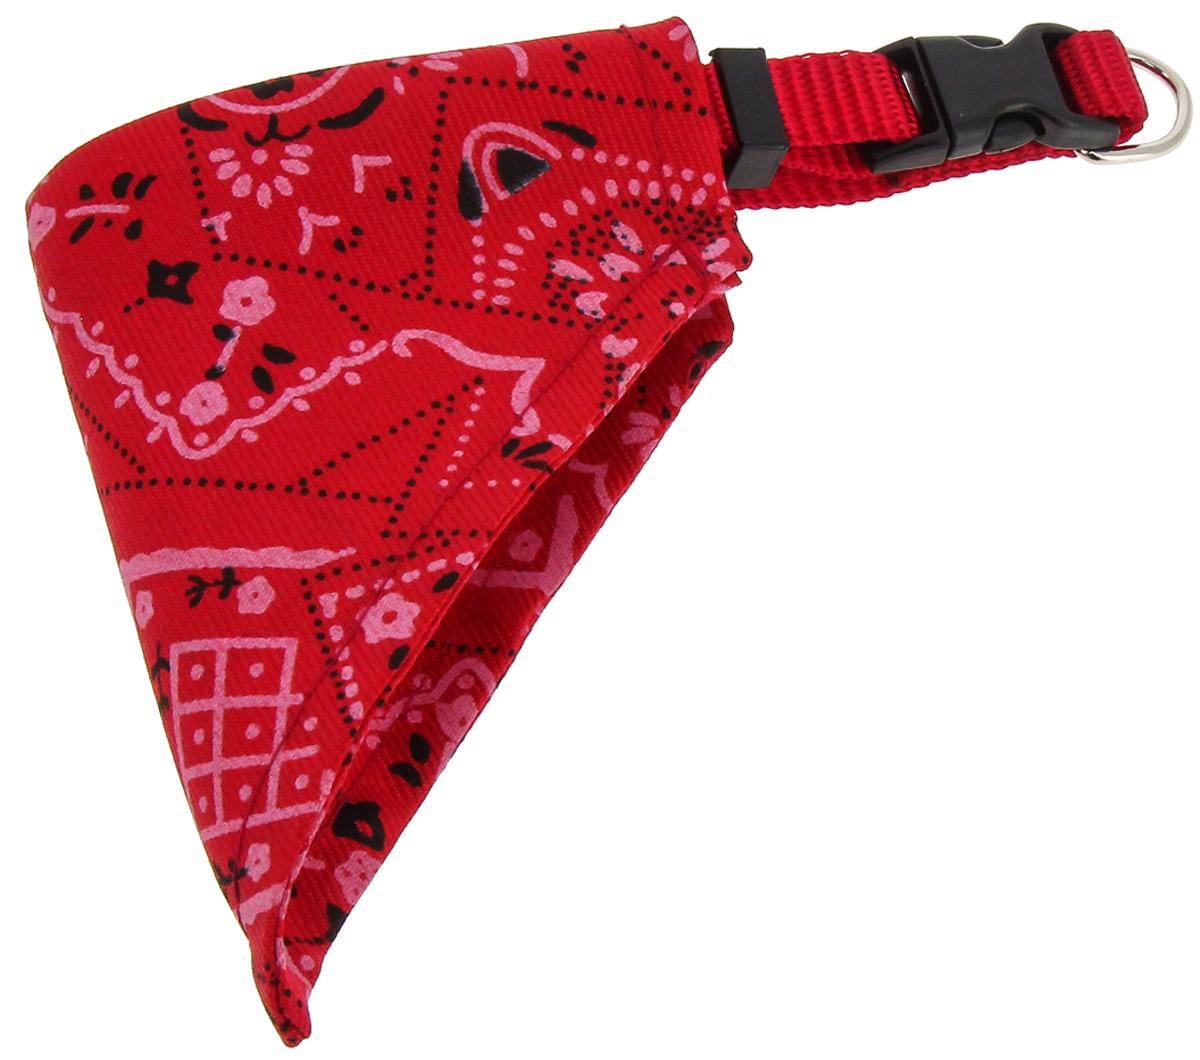 Ошейник для собак Каскад, с косынкой, цвет: красный, ширина 10 мм, обхват шеи 22-35 см ошейник для собак каскад с косынкой цвет красный ширина 10 мм обхват шеи 22 35 см